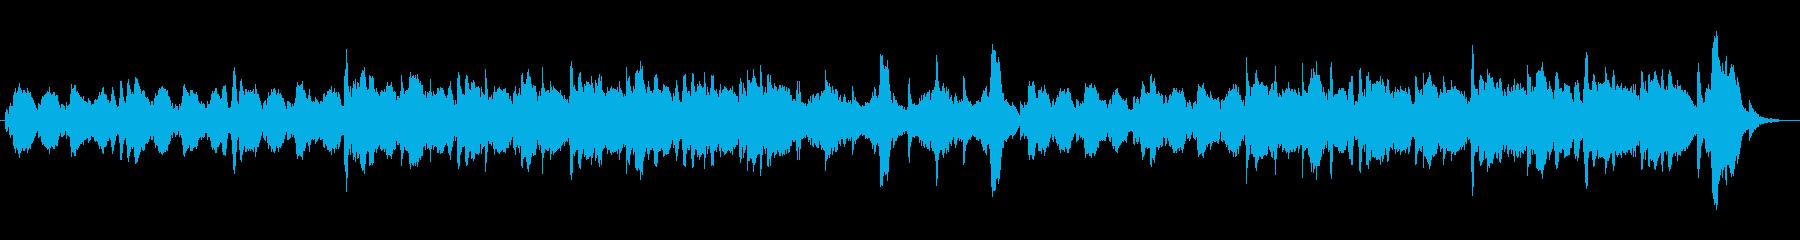 オーケストラで静まり返った洞窟をイメージの再生済みの波形